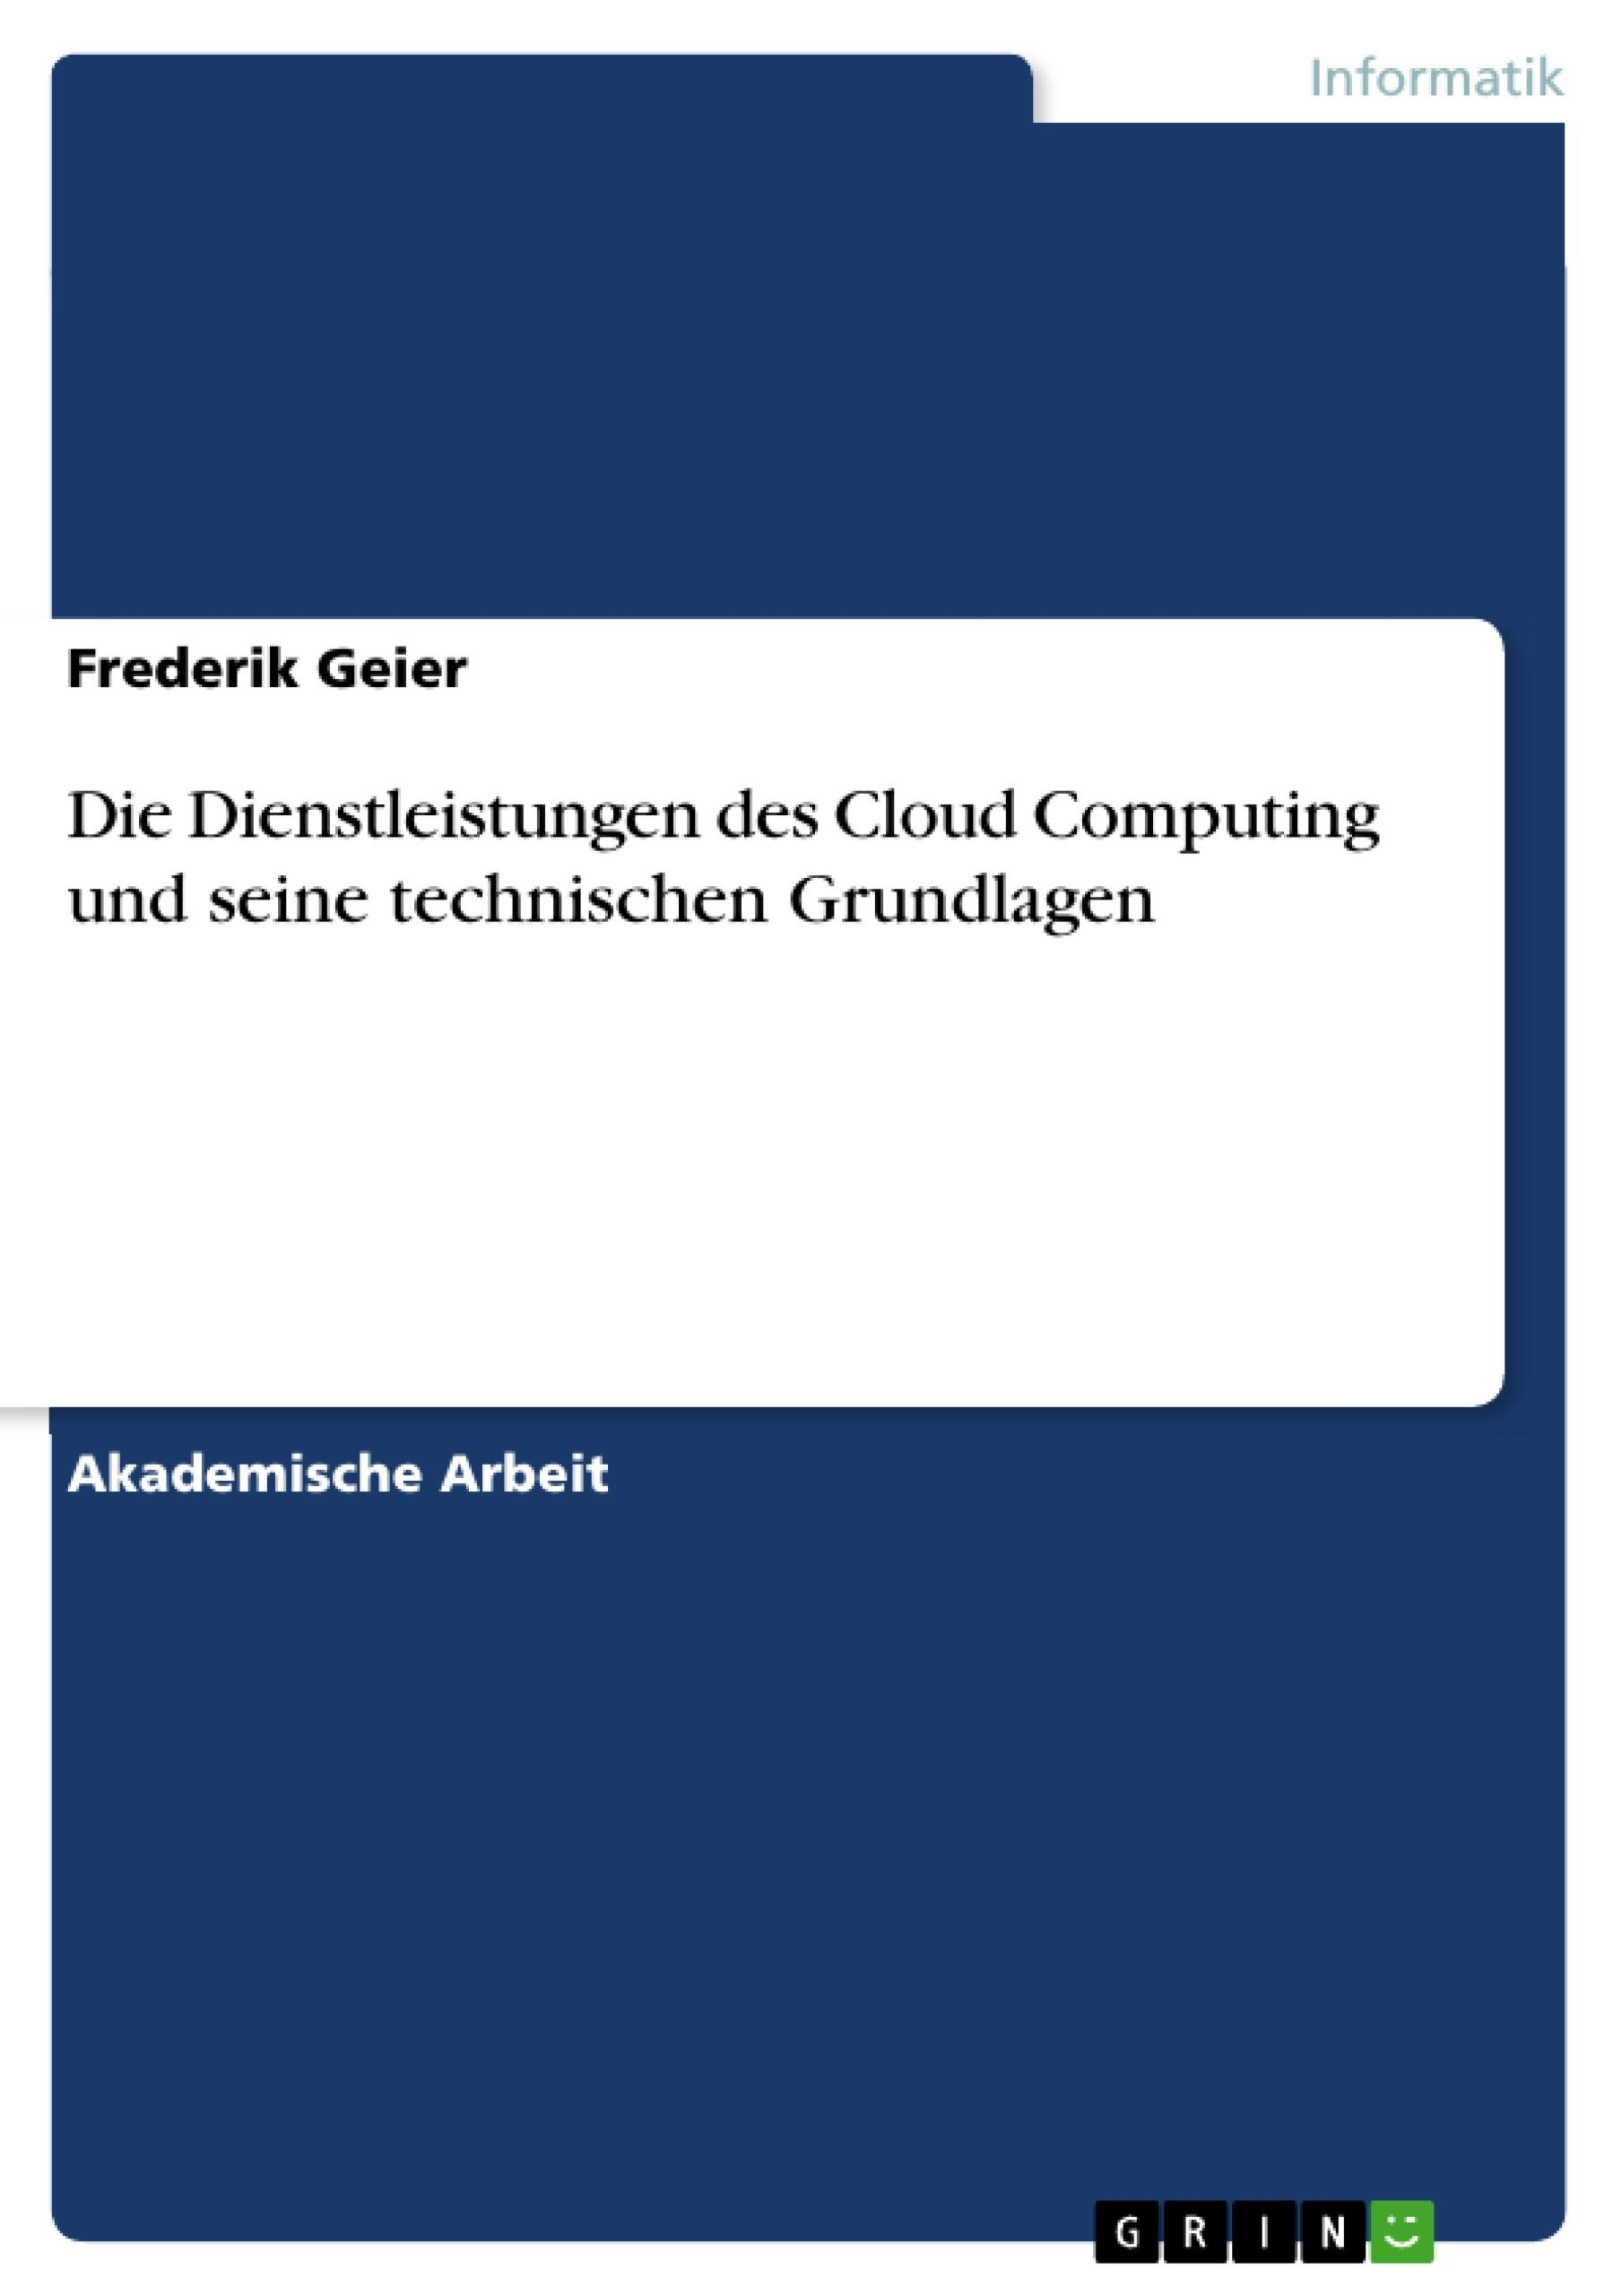 Titel: Die Dienstleistungen des Cloud Computing und seine technischen Grundlagen